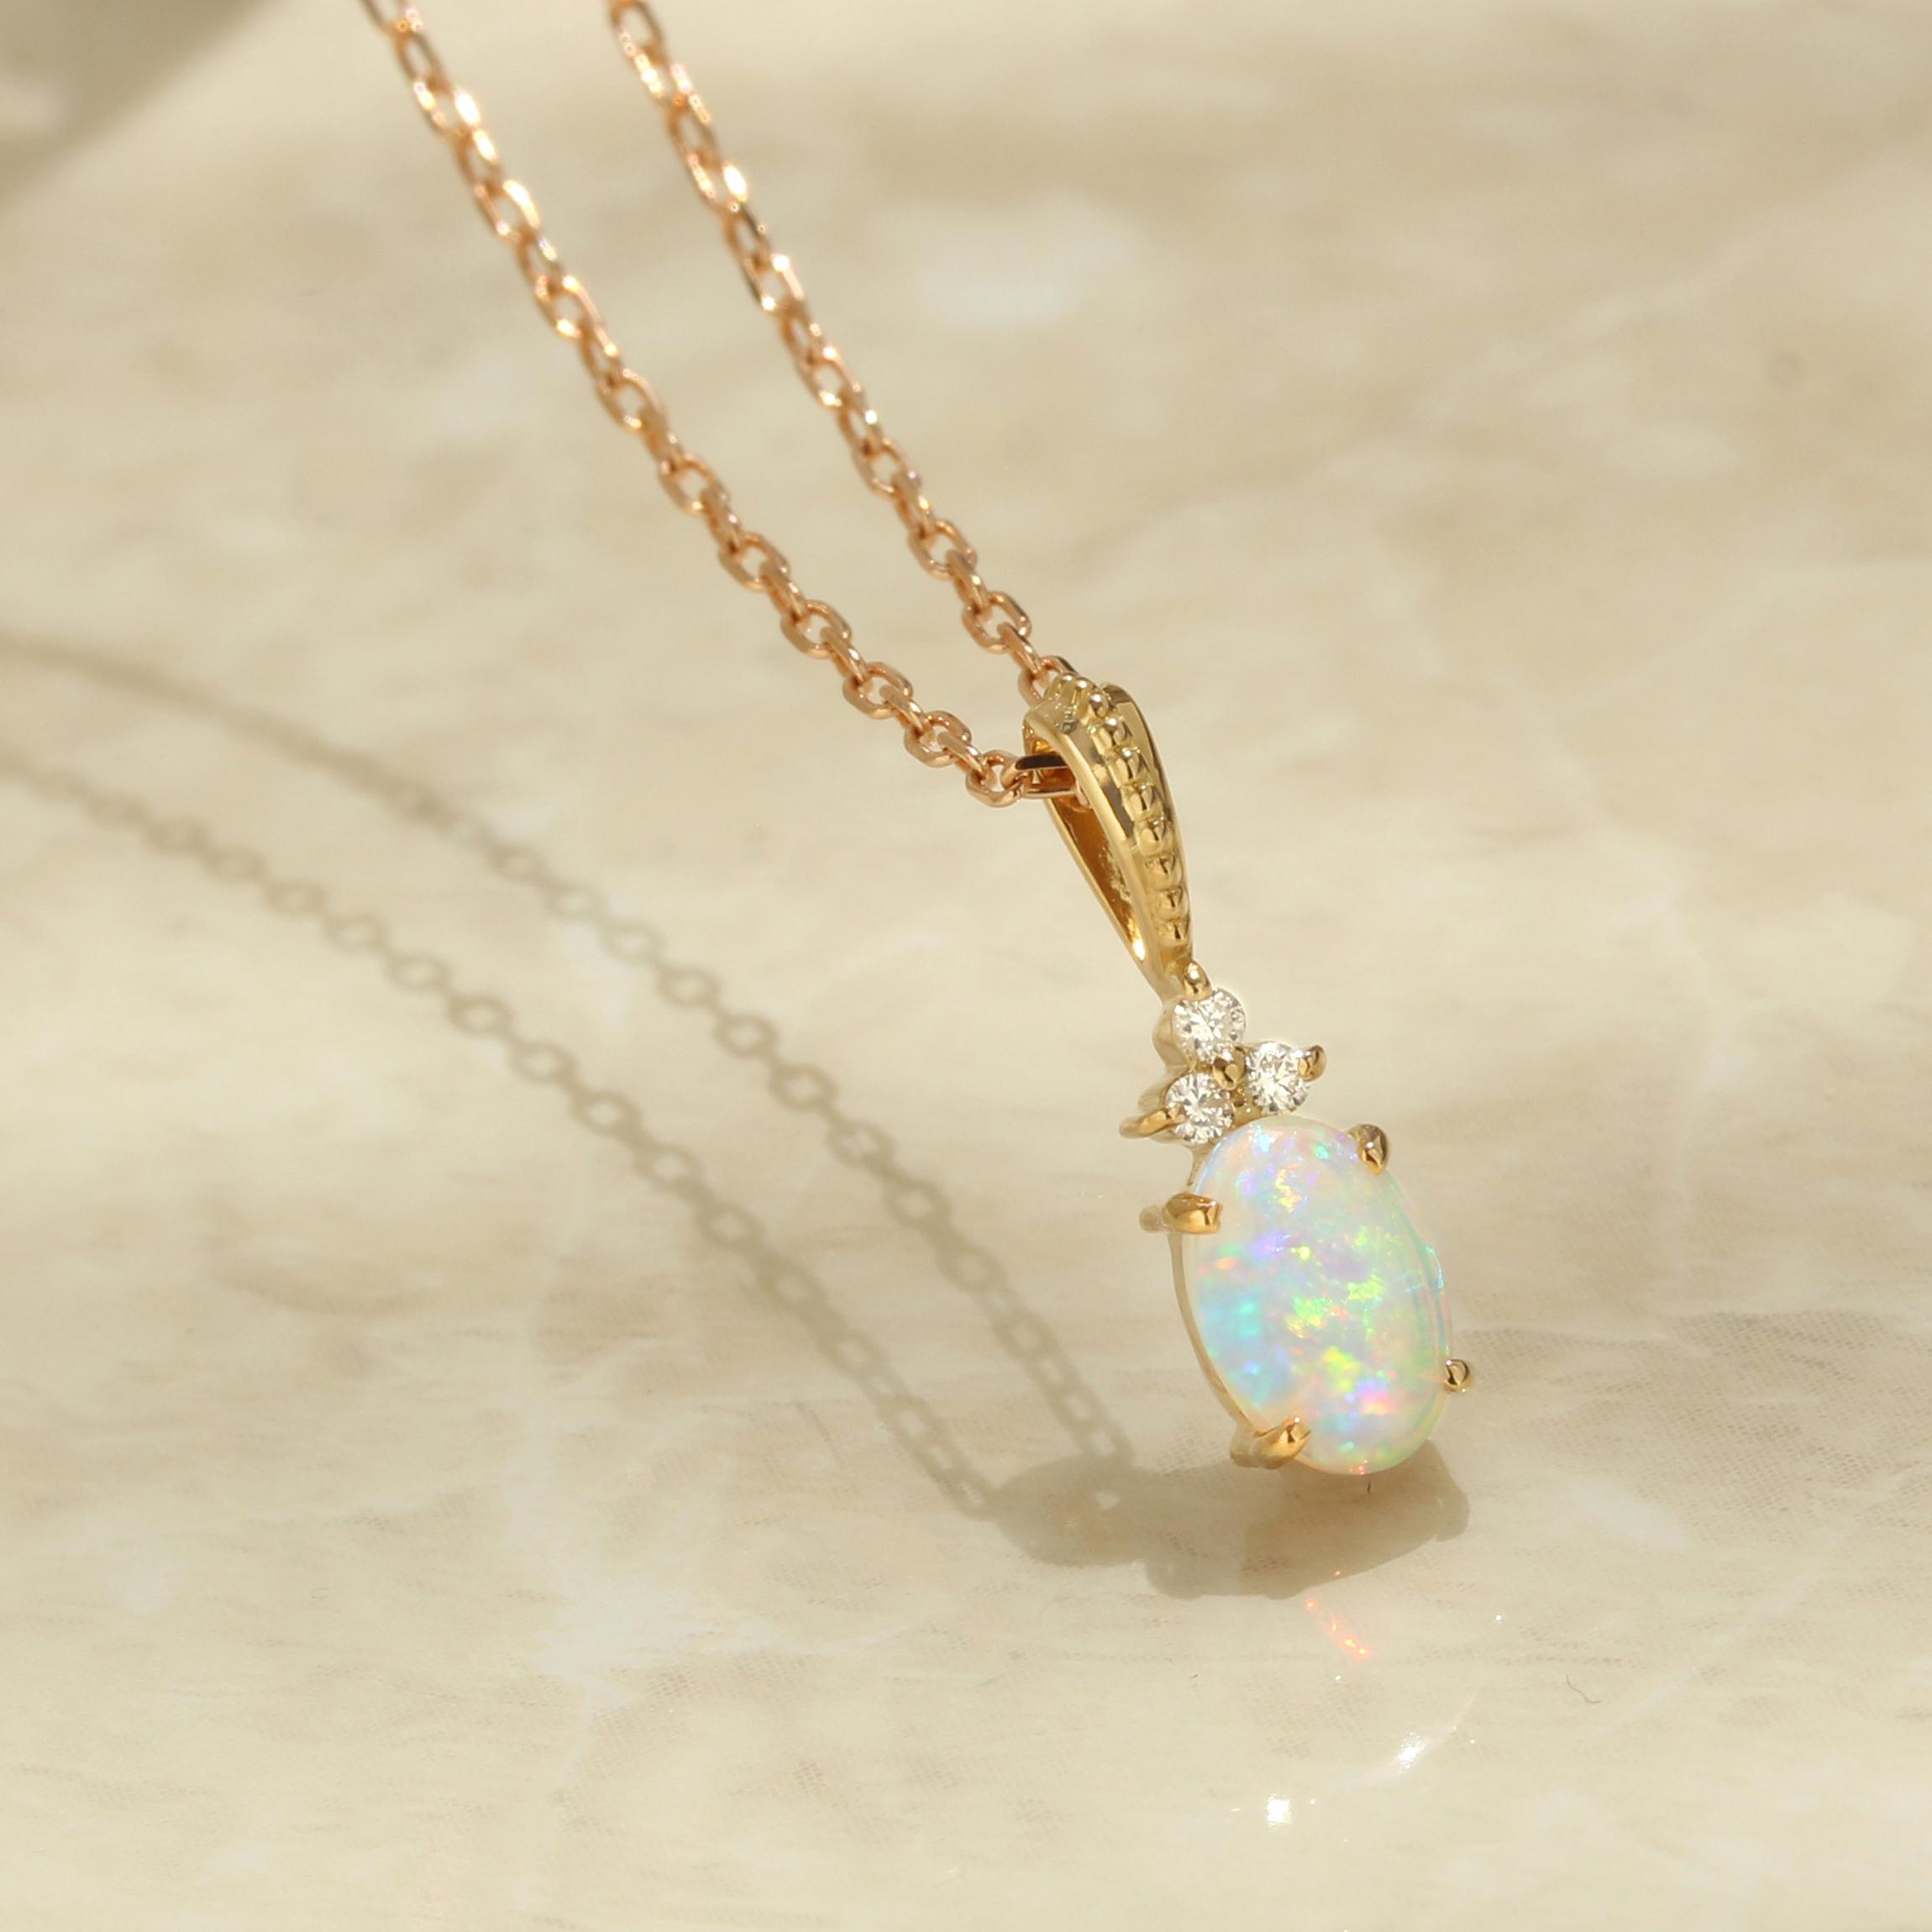 オパール(オーストラリア産)×ダイヤモンド K18/PTペンダントトップ・フラヴィ